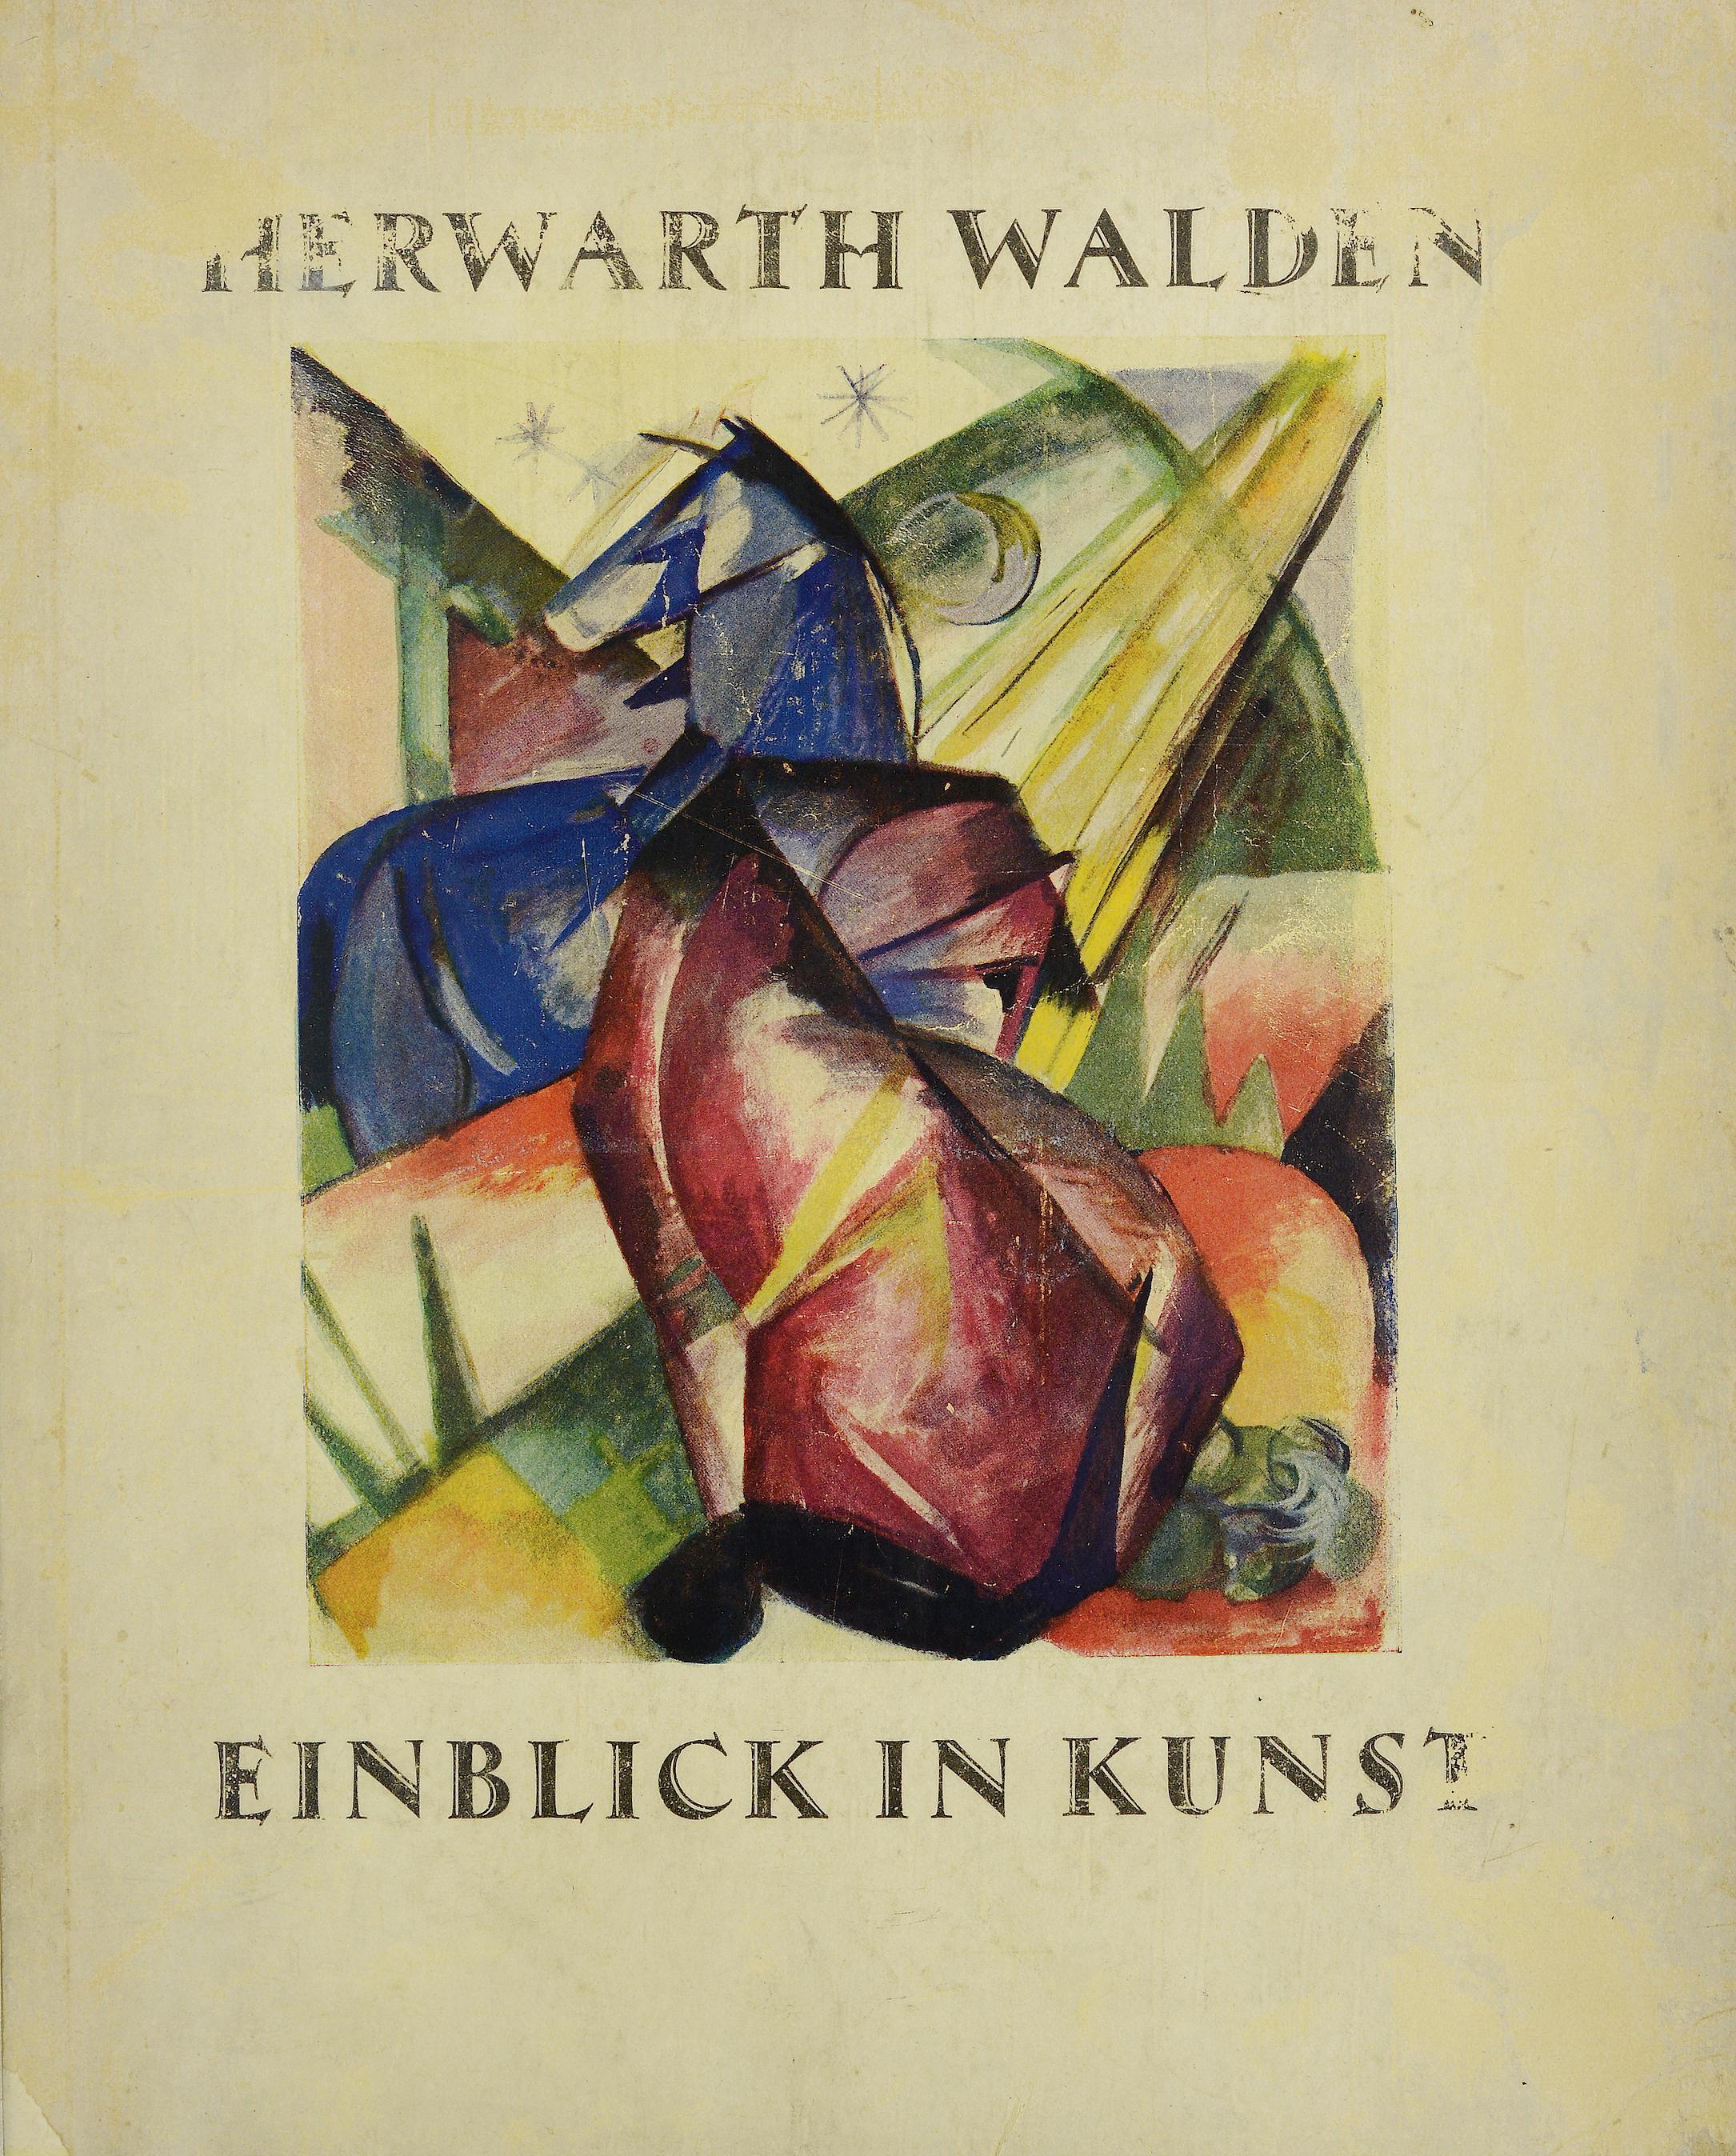 Walden_Herwarth_Einblick_in_Kunst_Expressionismus_Futurismus_Kubismus_1924